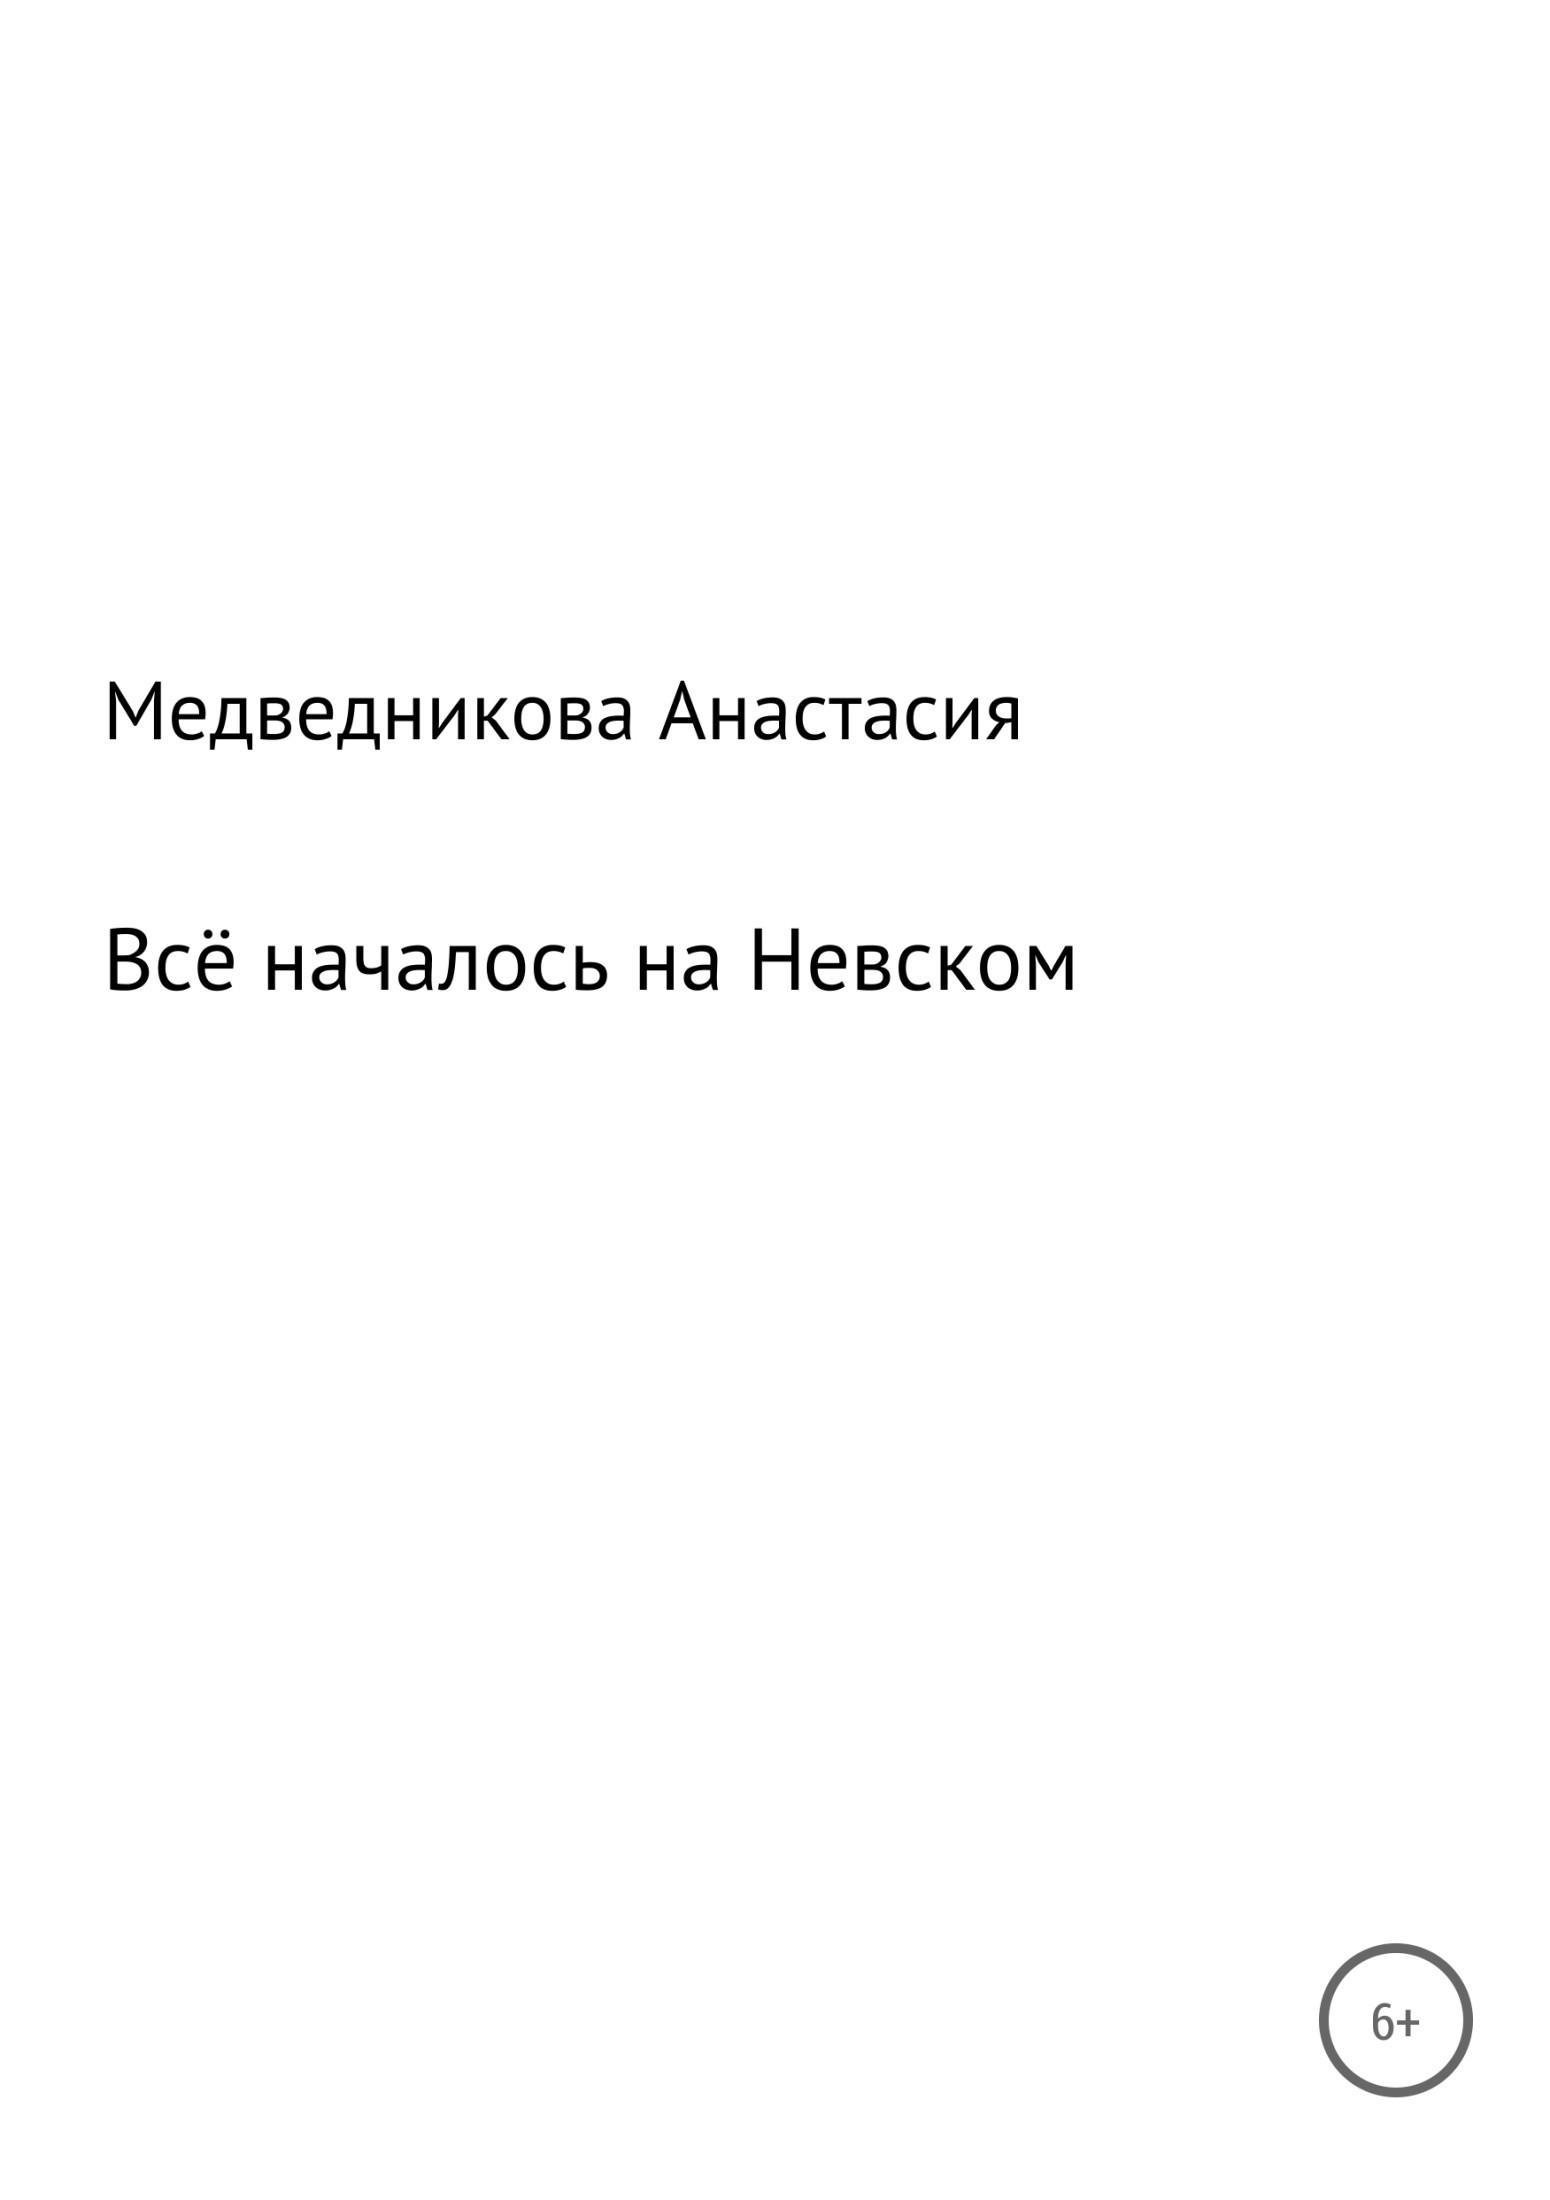 Анастасия Игоревна Медведникова Всё началось на Невском